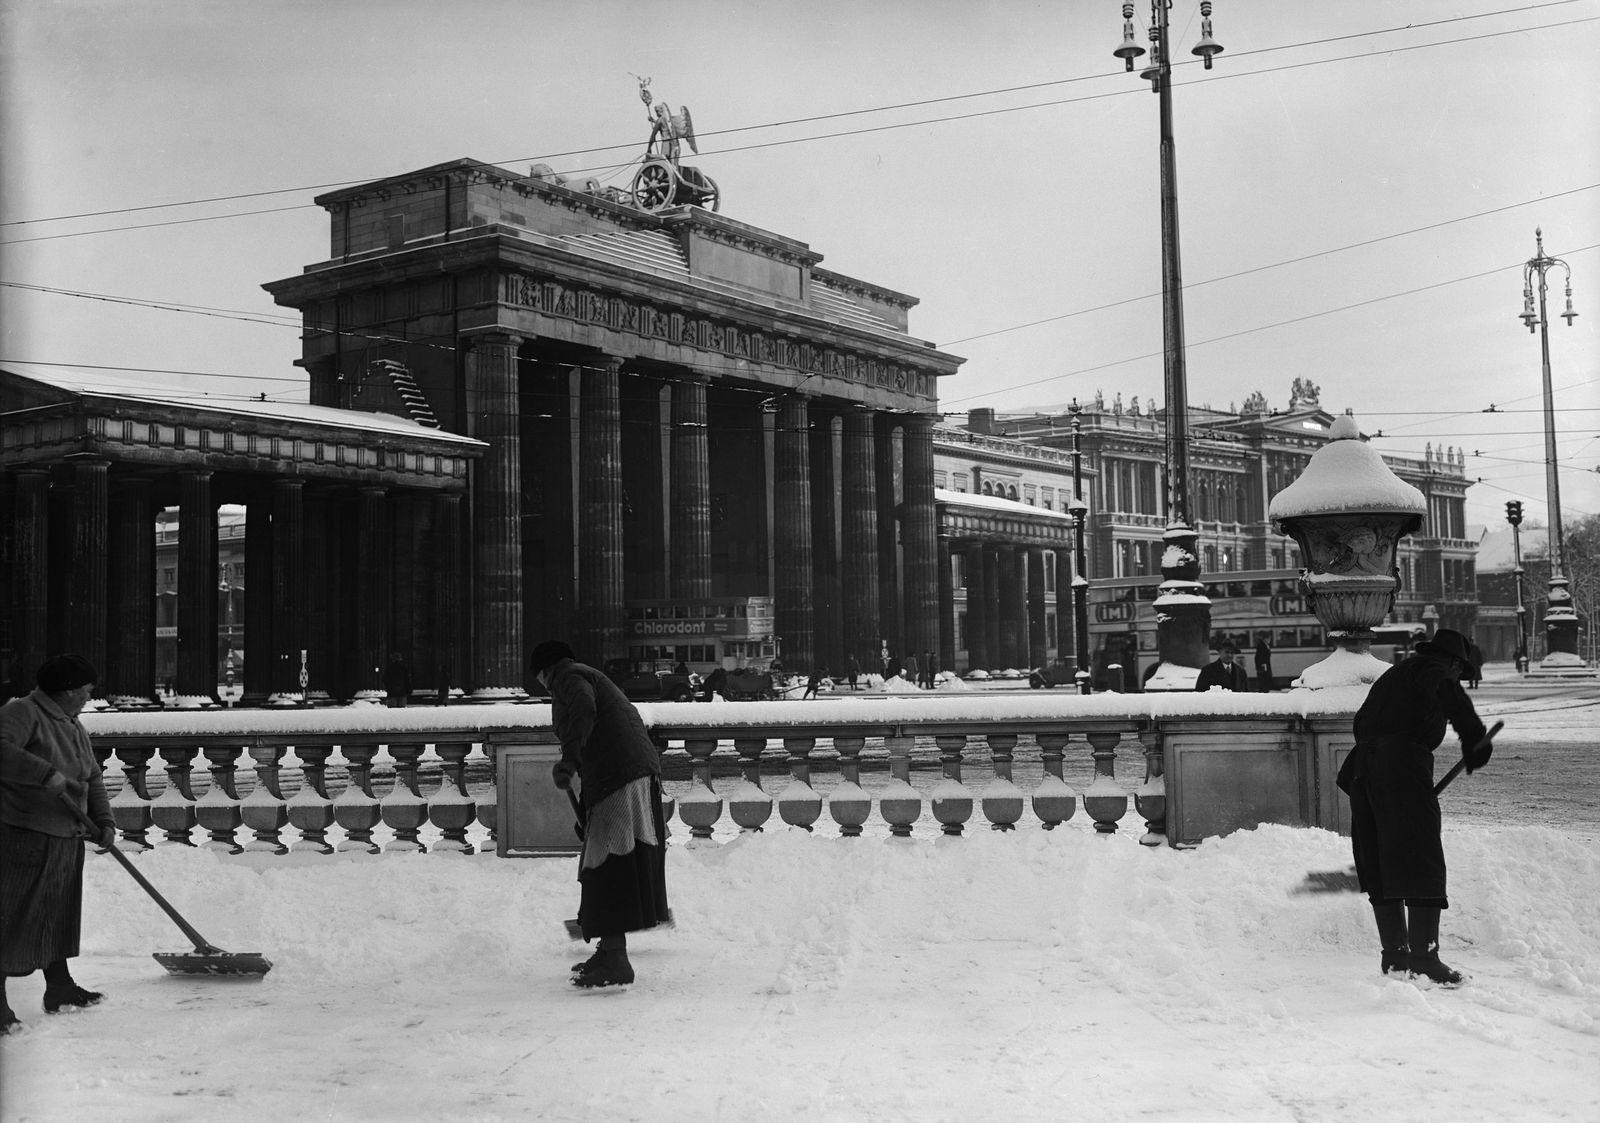 Schneefegen am Brandenburger Tor, rechts die Amerikanische Botschaft, 1925 © bpk / Kunstbibliothek, SMB / Willy Römer